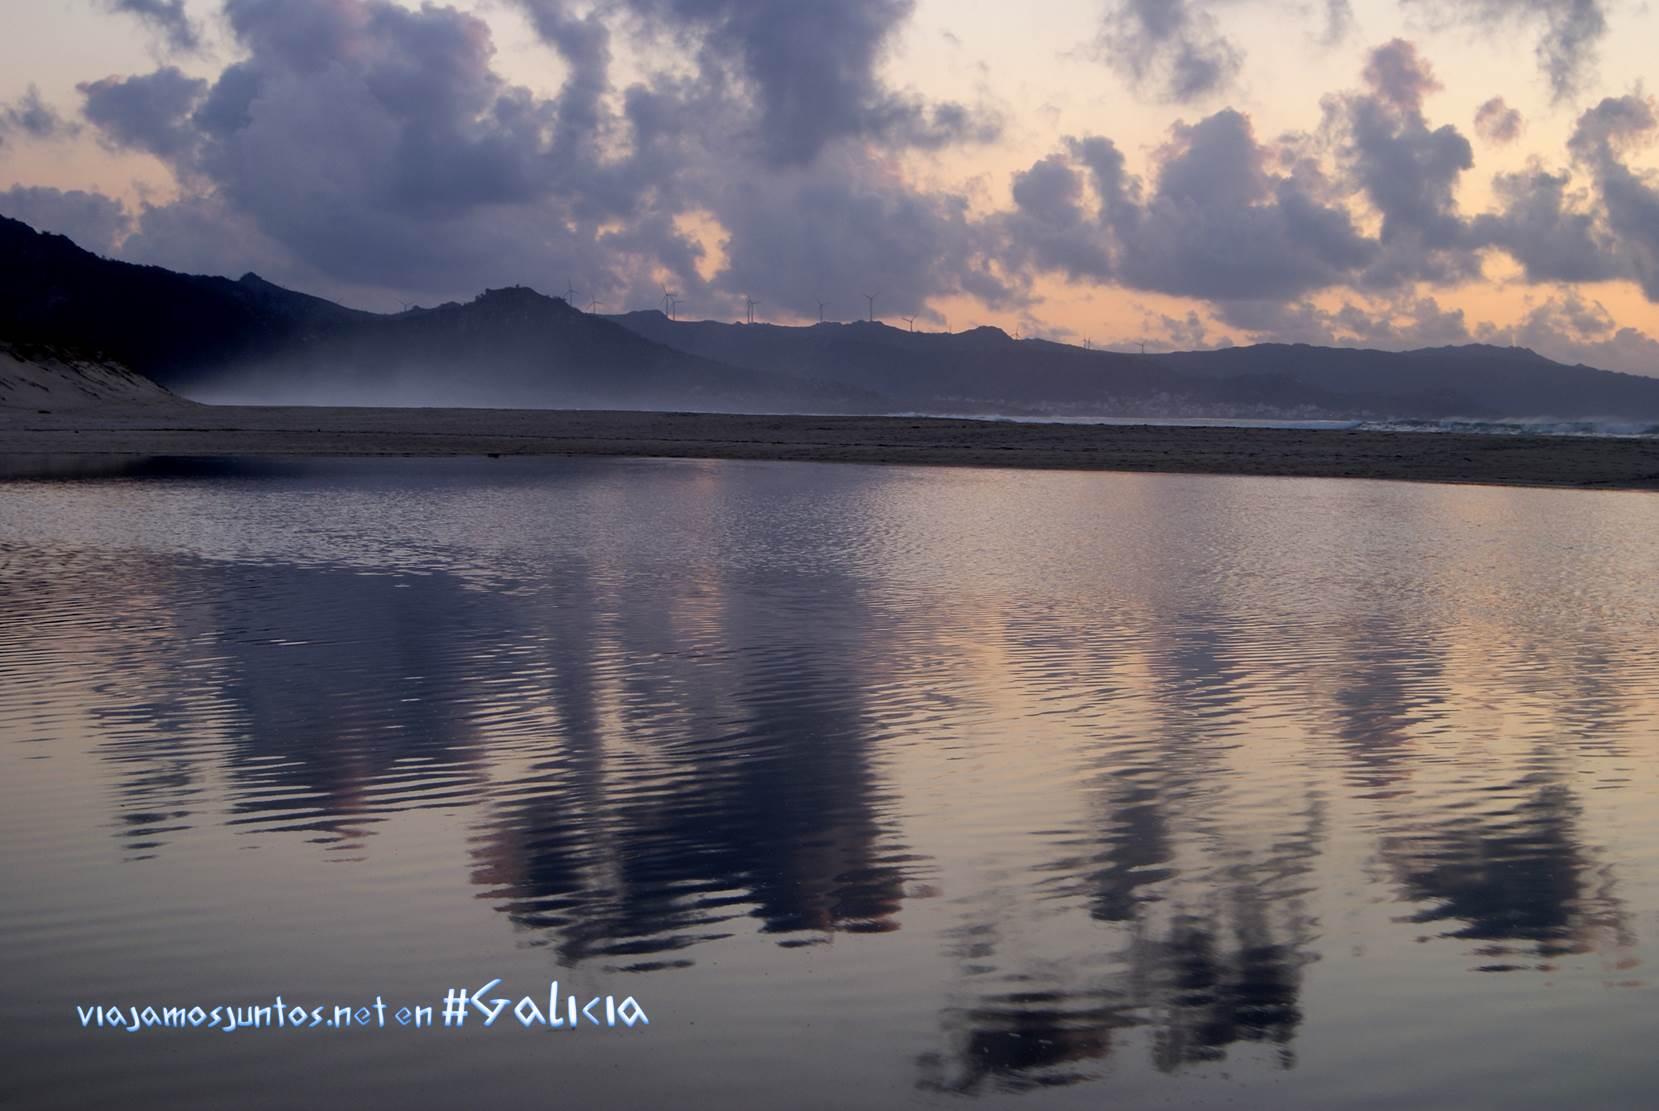 La playa de Traba, Costa da Morte, Galicia